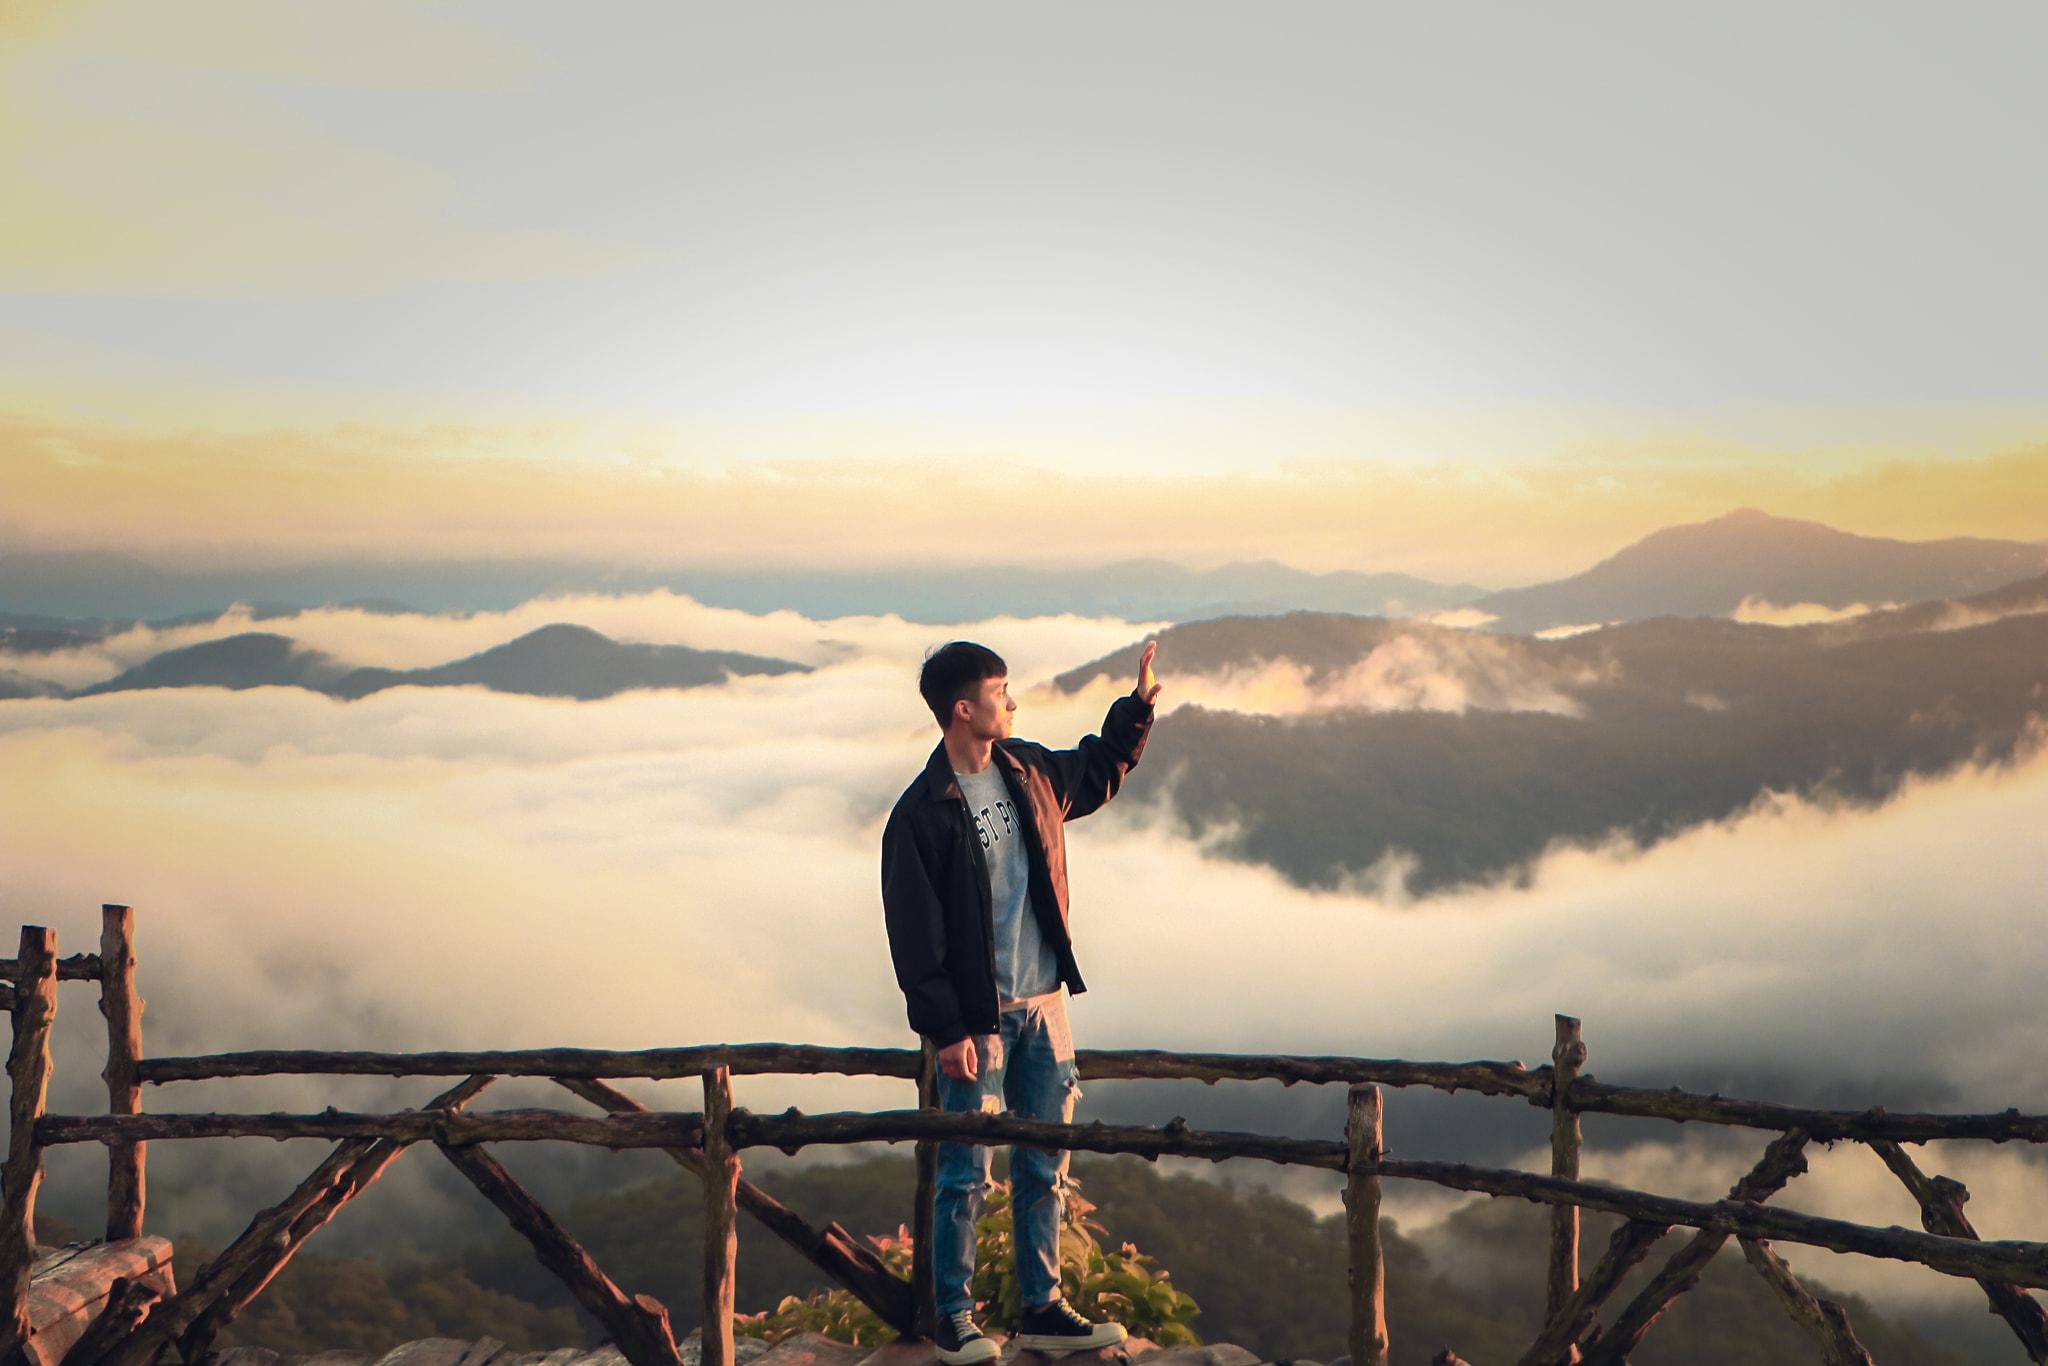 Thung lũng mây giữa đại ngàn :) Nguồn: Duy Phương Đào